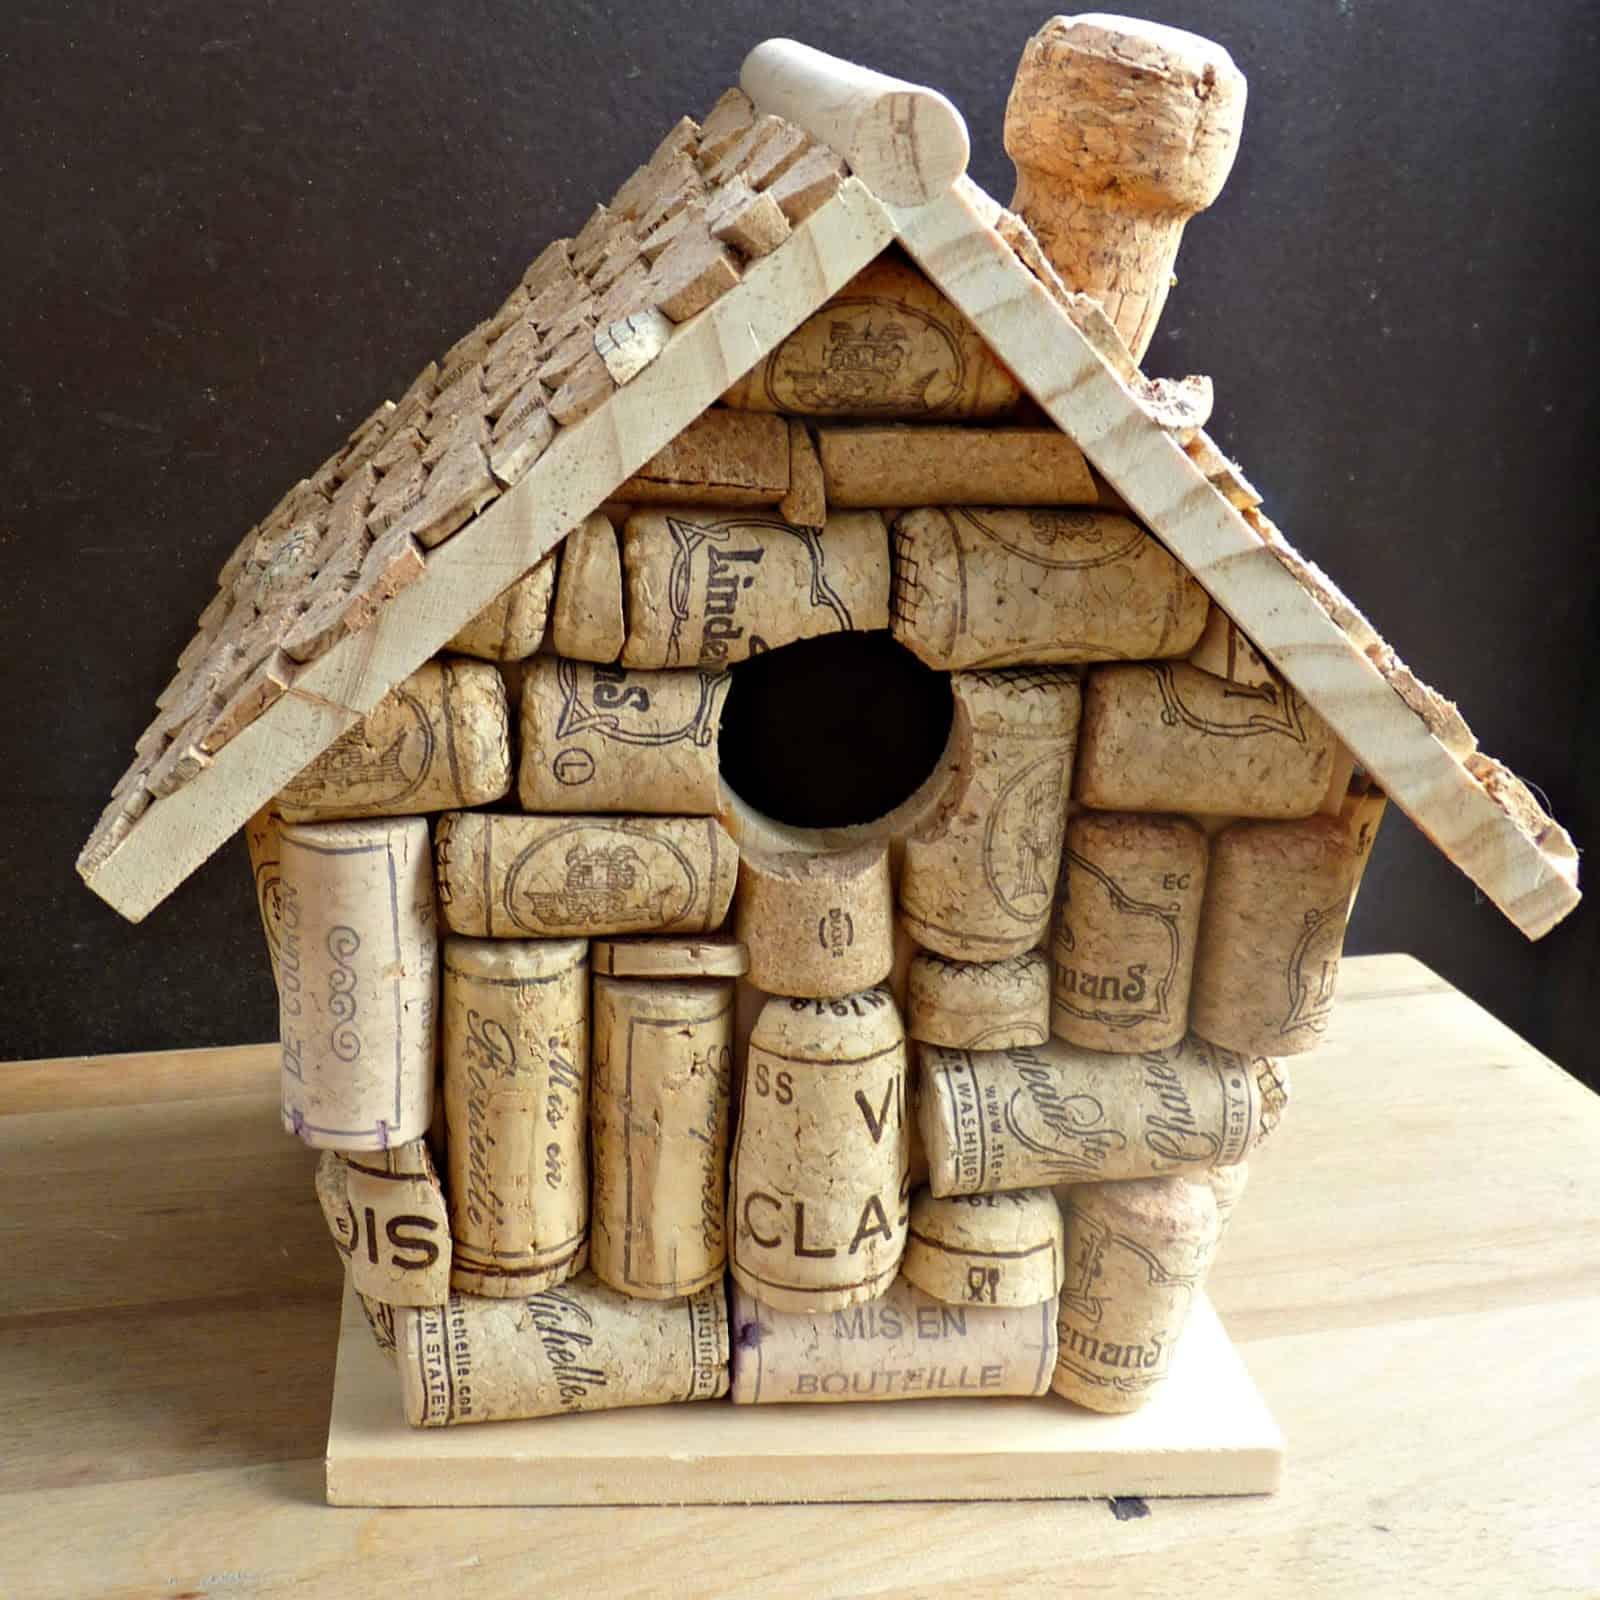 DIY cork birdhouse